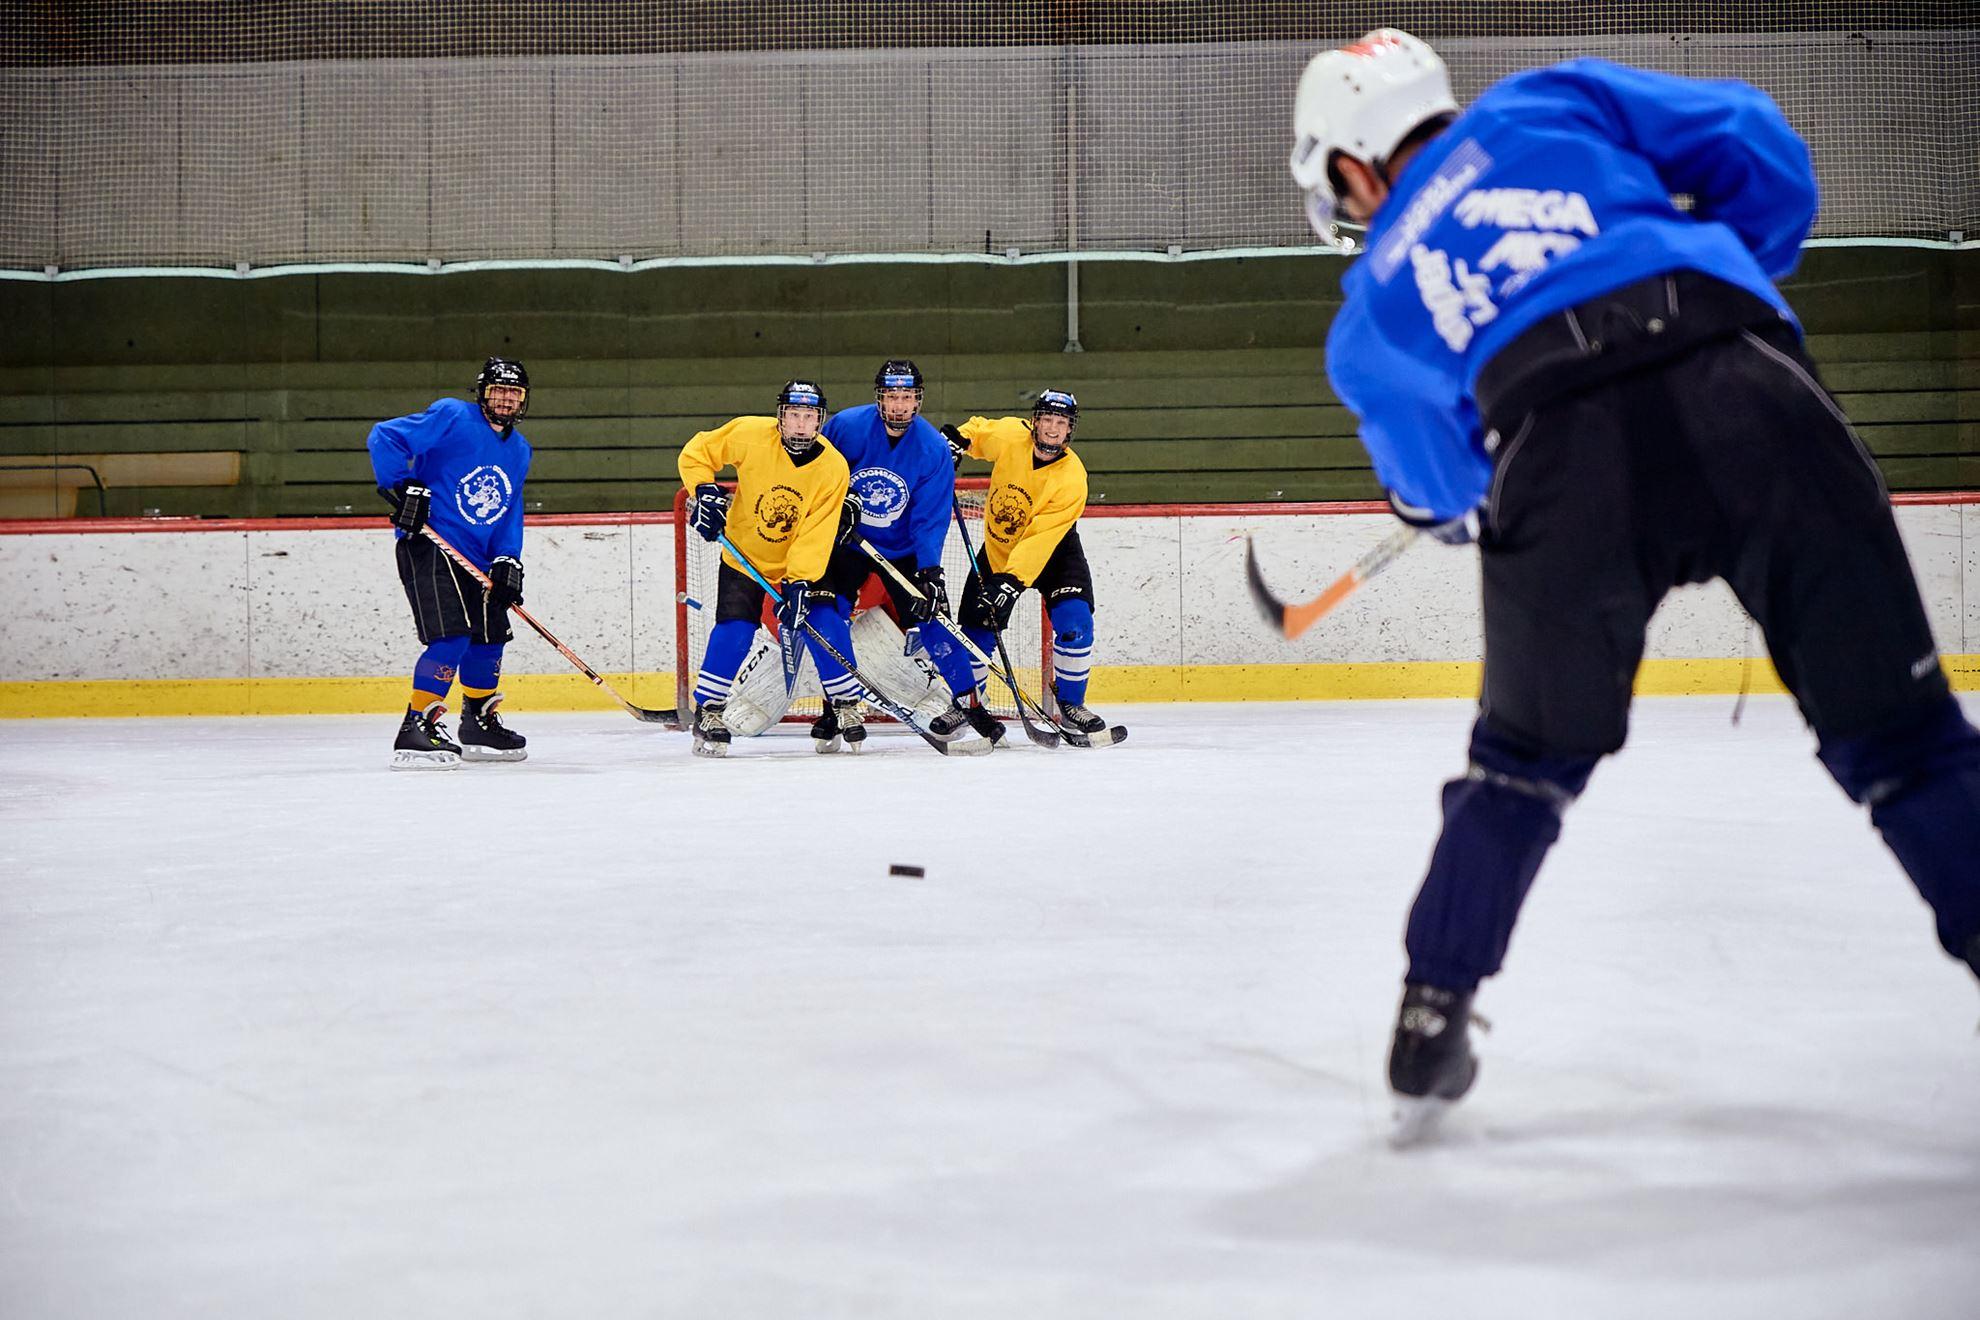 Hockey-Plausch_03